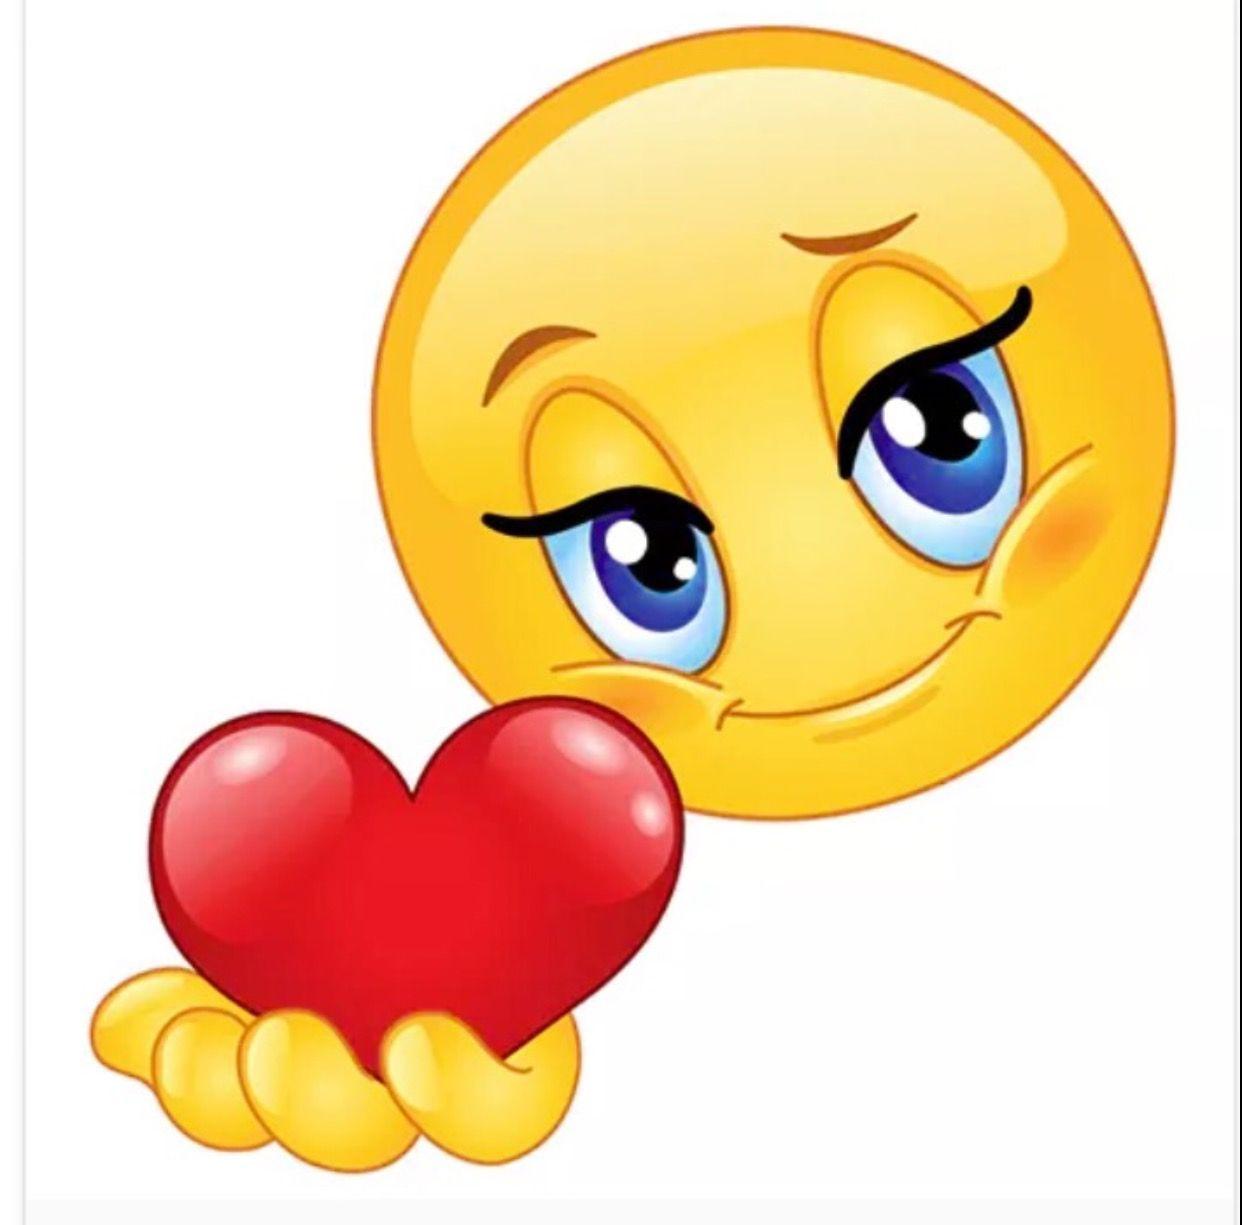 Facebook Emoticon Stickers Heart